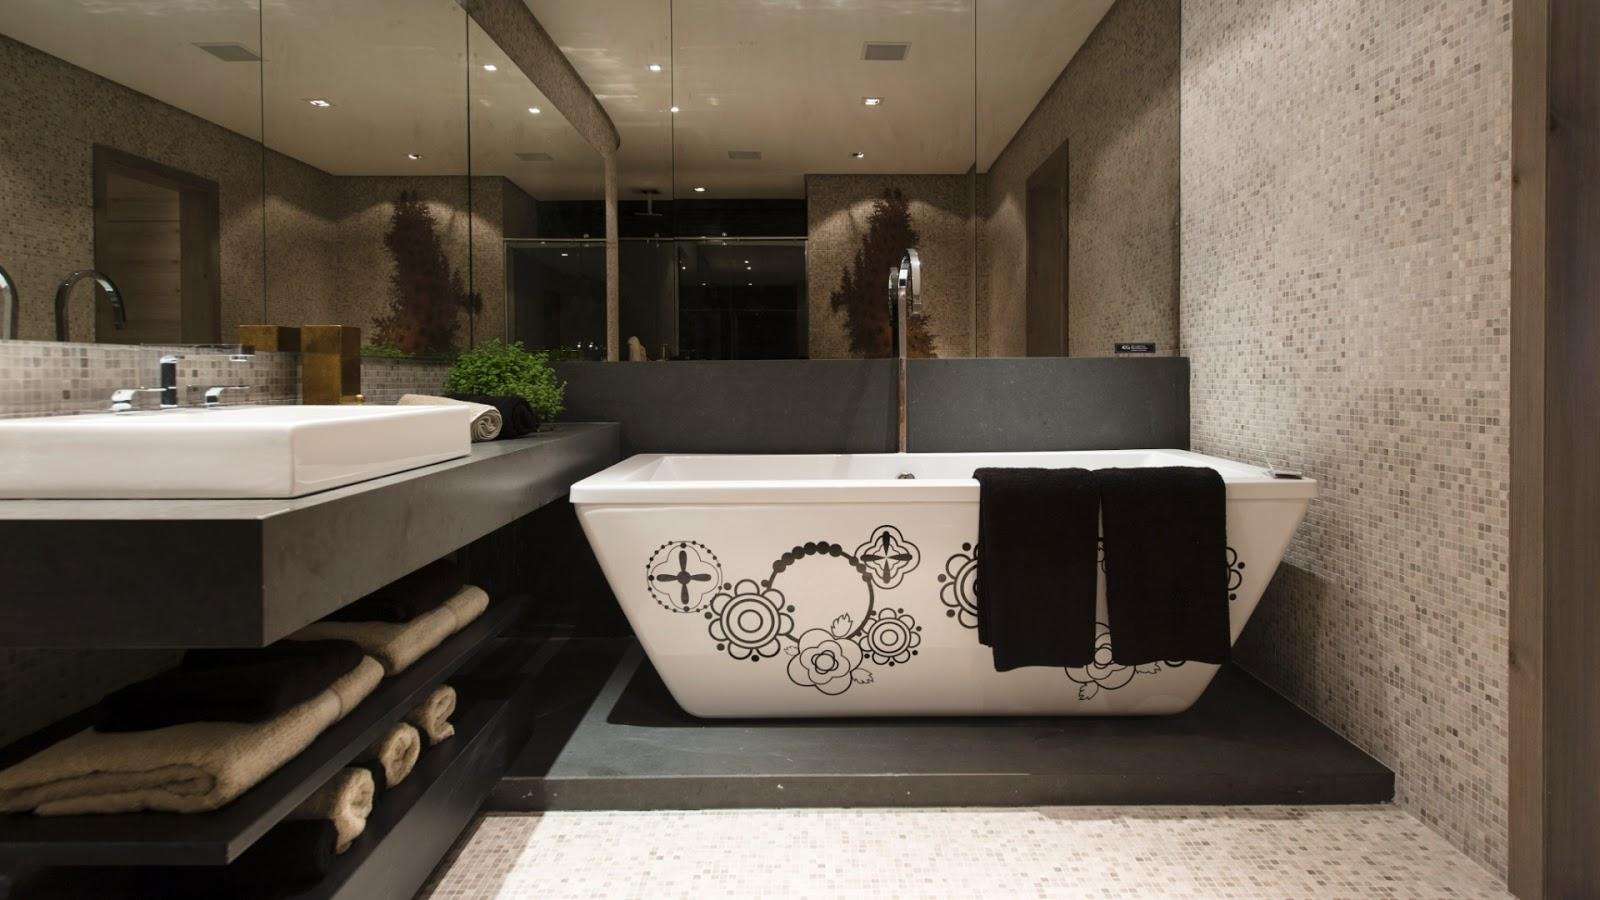 #495924  Clean: 30 Banheiros Decorados com Pastilhas de Vidro! Lindas Ideias 1600x900 px Banheiros Decorados Com Pastilhas Jatoba 1147